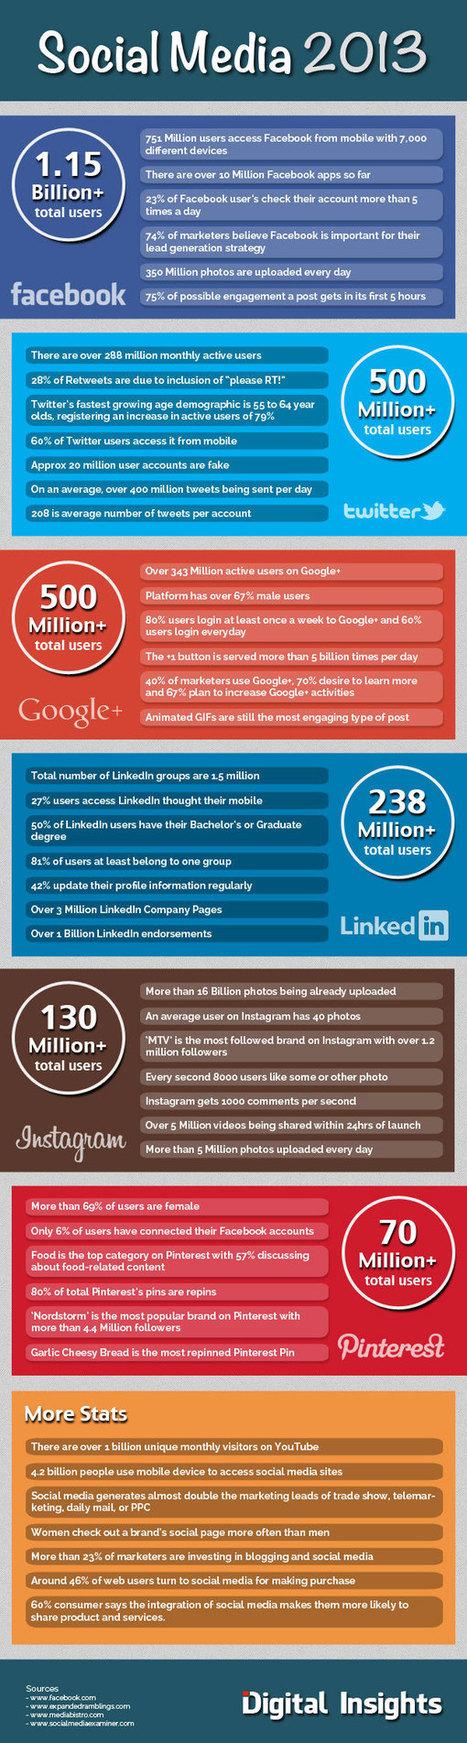 Réseaux sociaux en 2013 : Statistiques des utilisateurs | Infographie #SMO | SEM Search-Engine-Marketing | Scoop.it